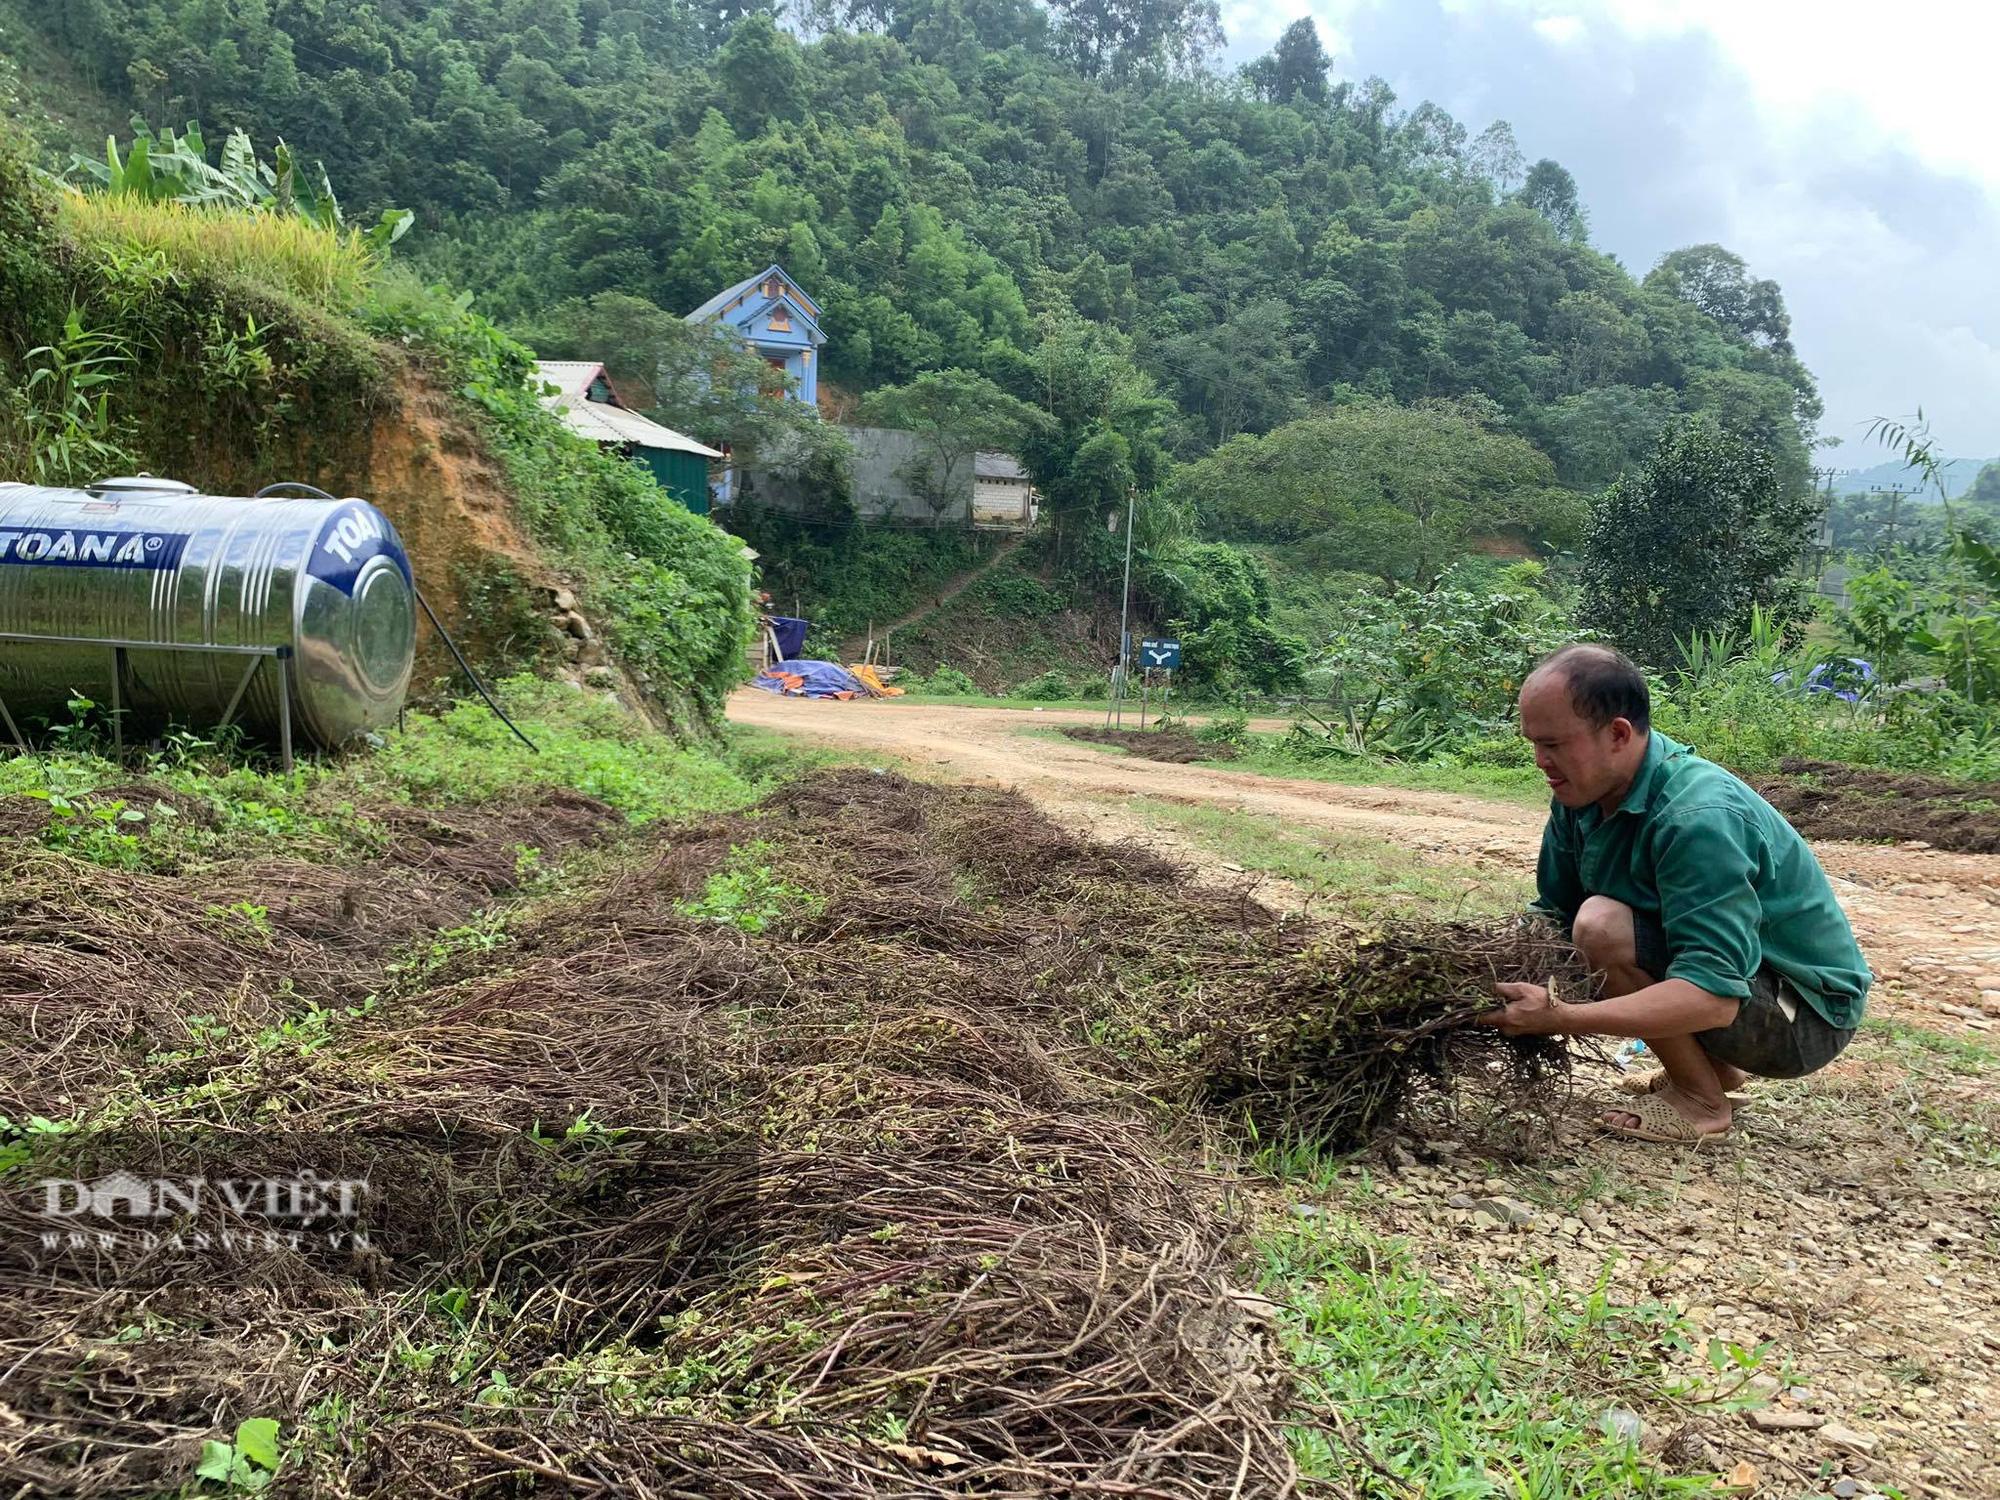 """Chỉ cần có mưa, người nông dân sẽ """"hái"""" ra tiền từ thứ cây này - Ảnh 5."""